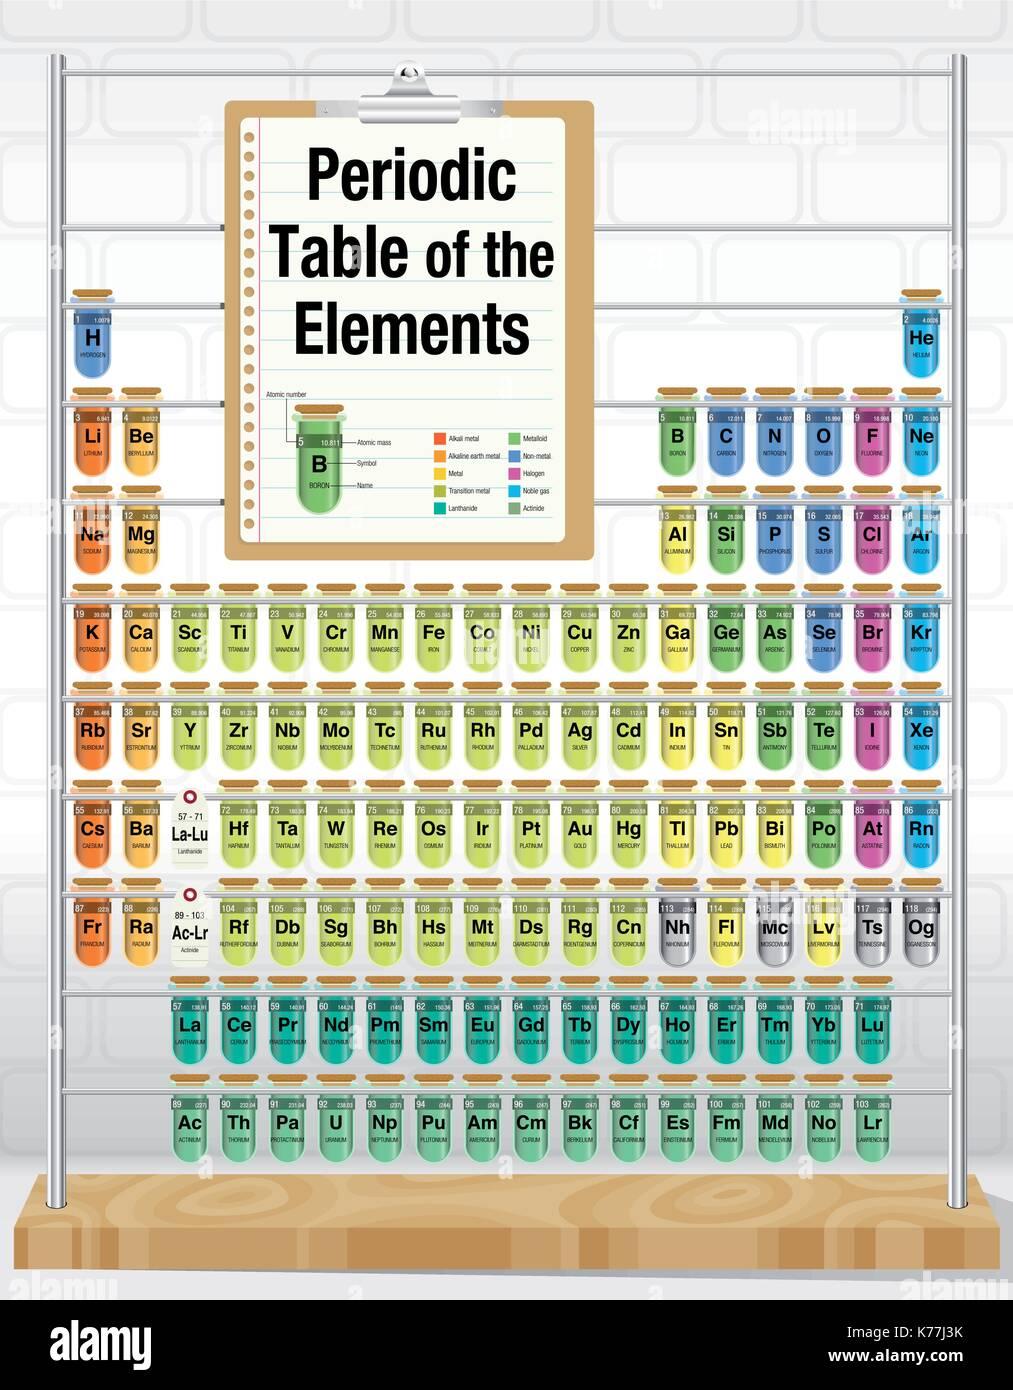 Tabla peridica de los elementos compuestos de tubos de ensayo con tabla peridica de los elementos compuestos de tubos de ensayo con los nombres y el nmero de cada elemento con los 4 nuevos elementos incluidos por la urtaz Images